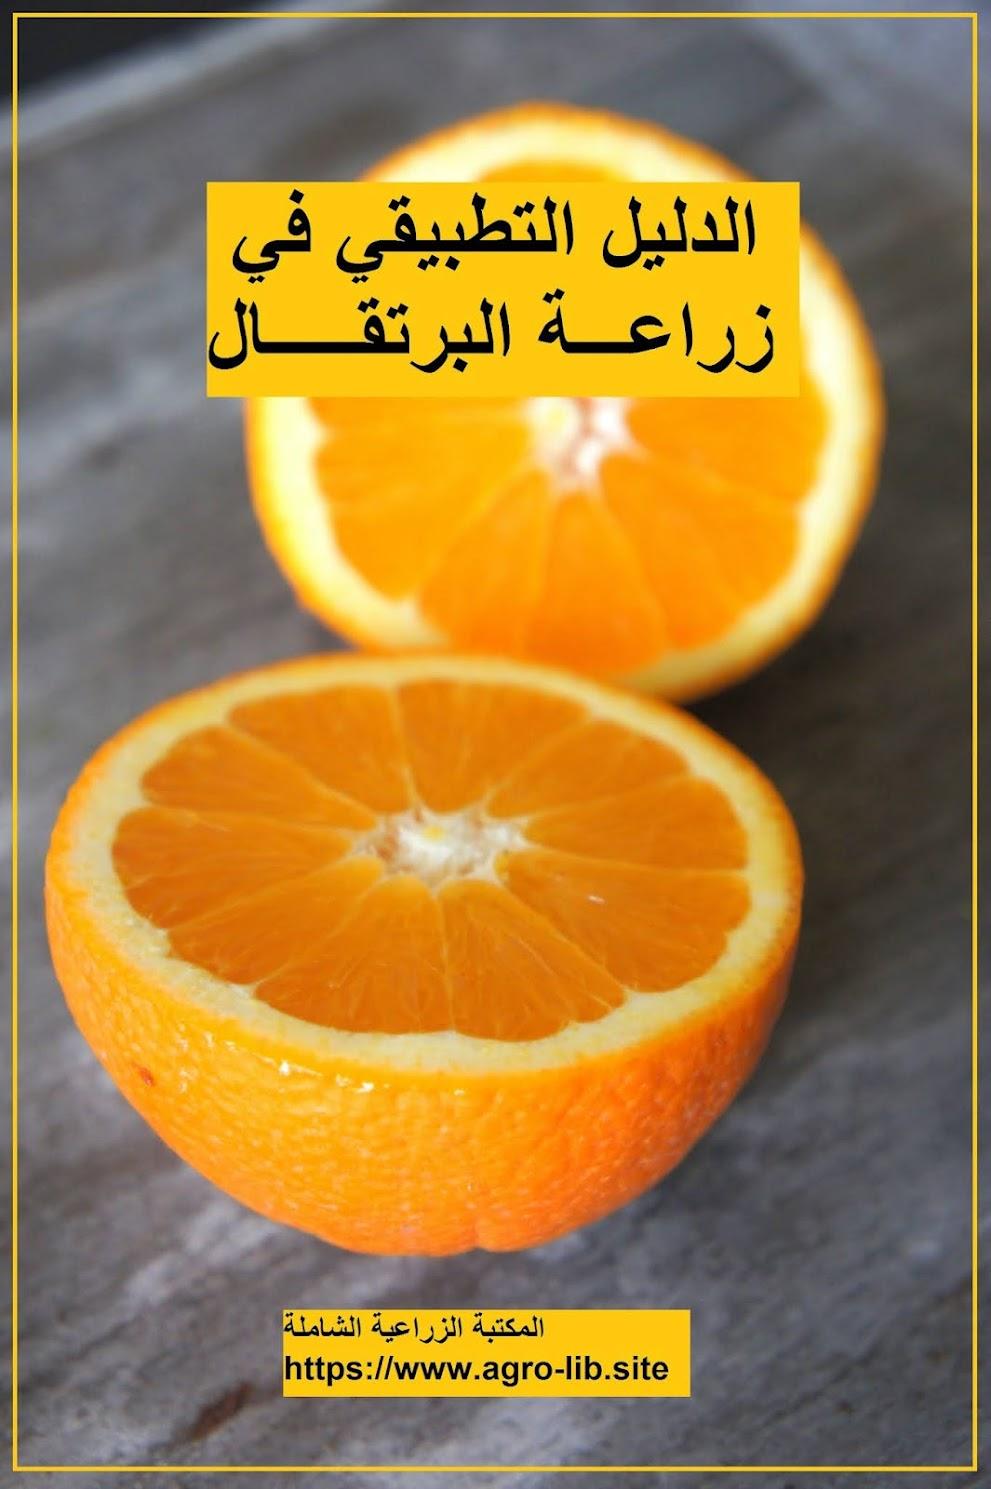 كتاب : الدليل التطبيقي في زراعة البرتقال